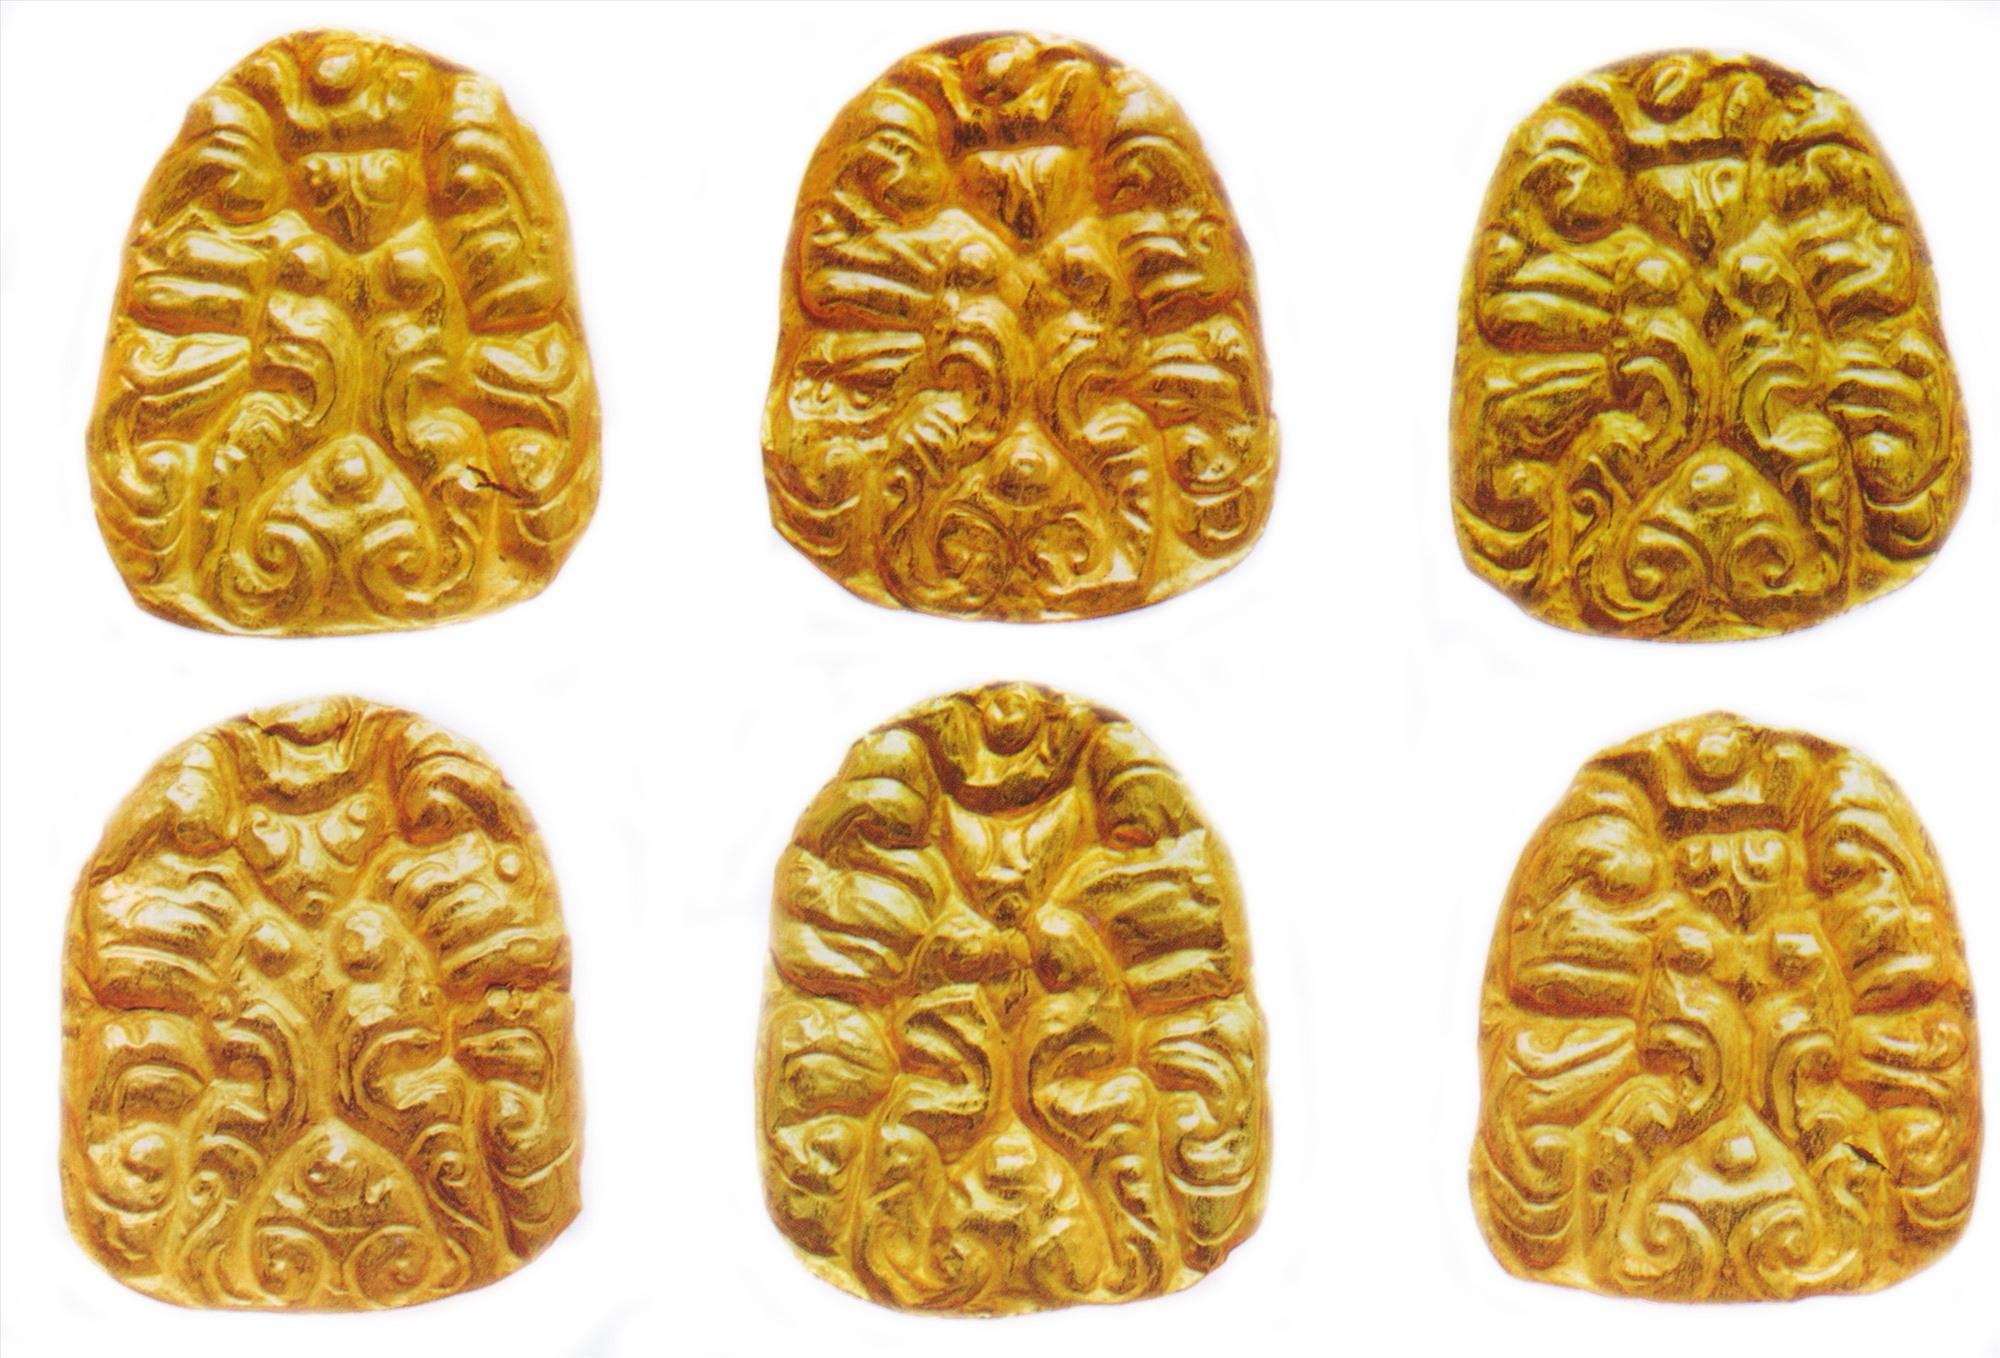 Trang sức vàng hình các loại cánh hoa.